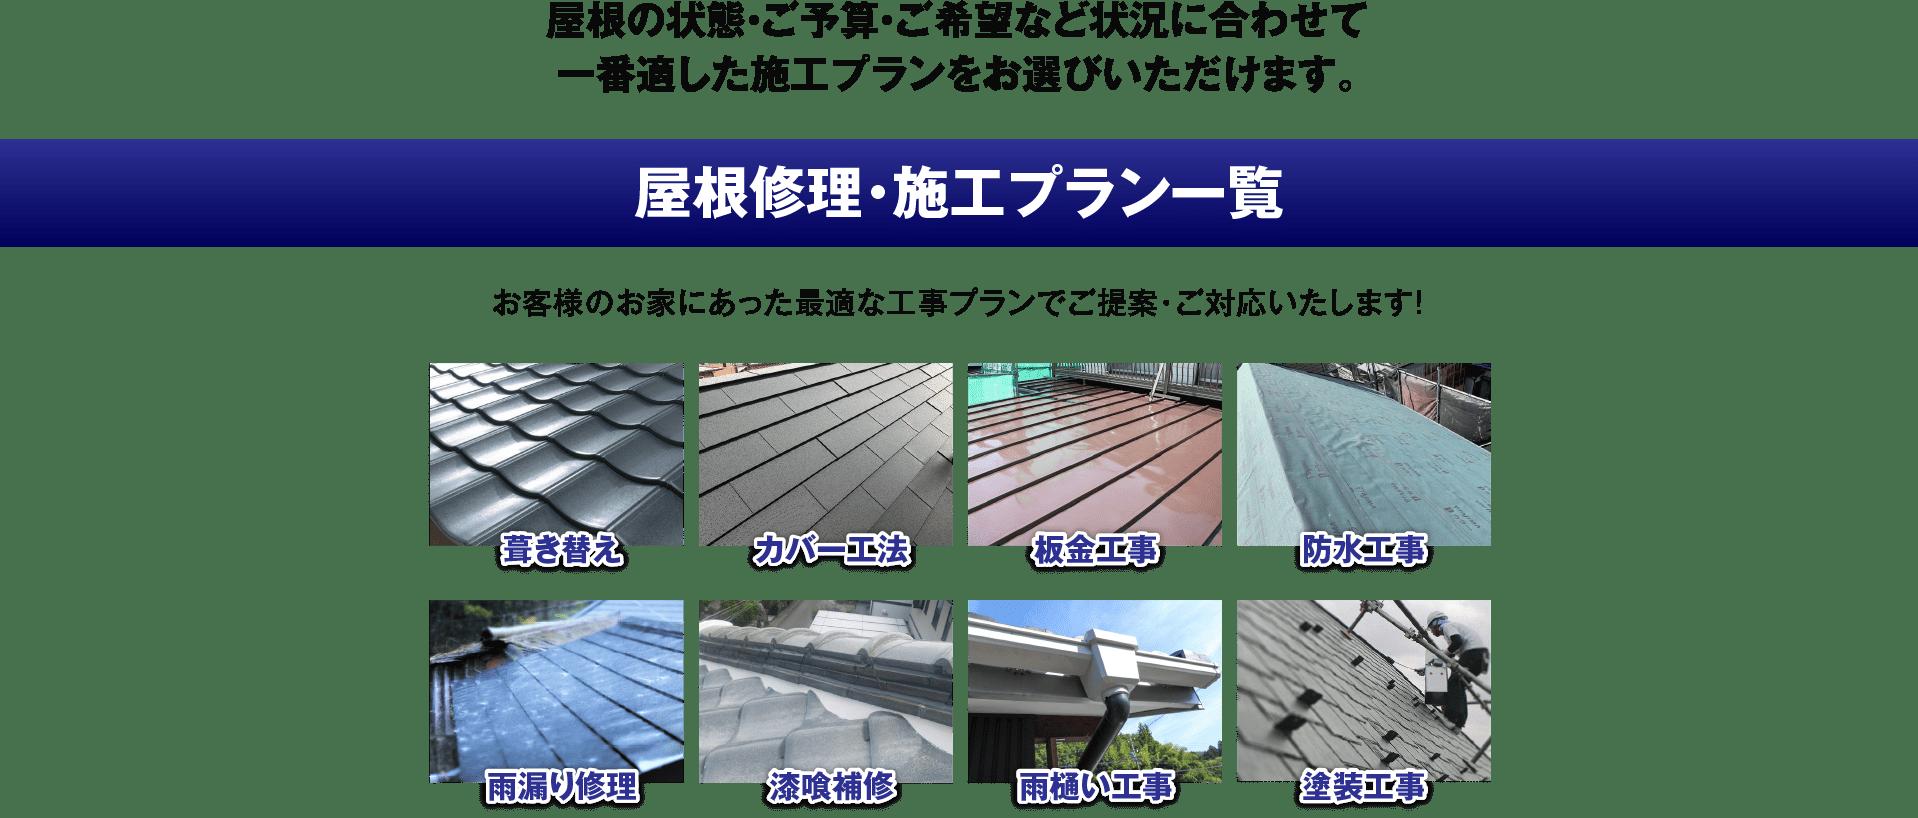 屋根修理・施工プラン一覧